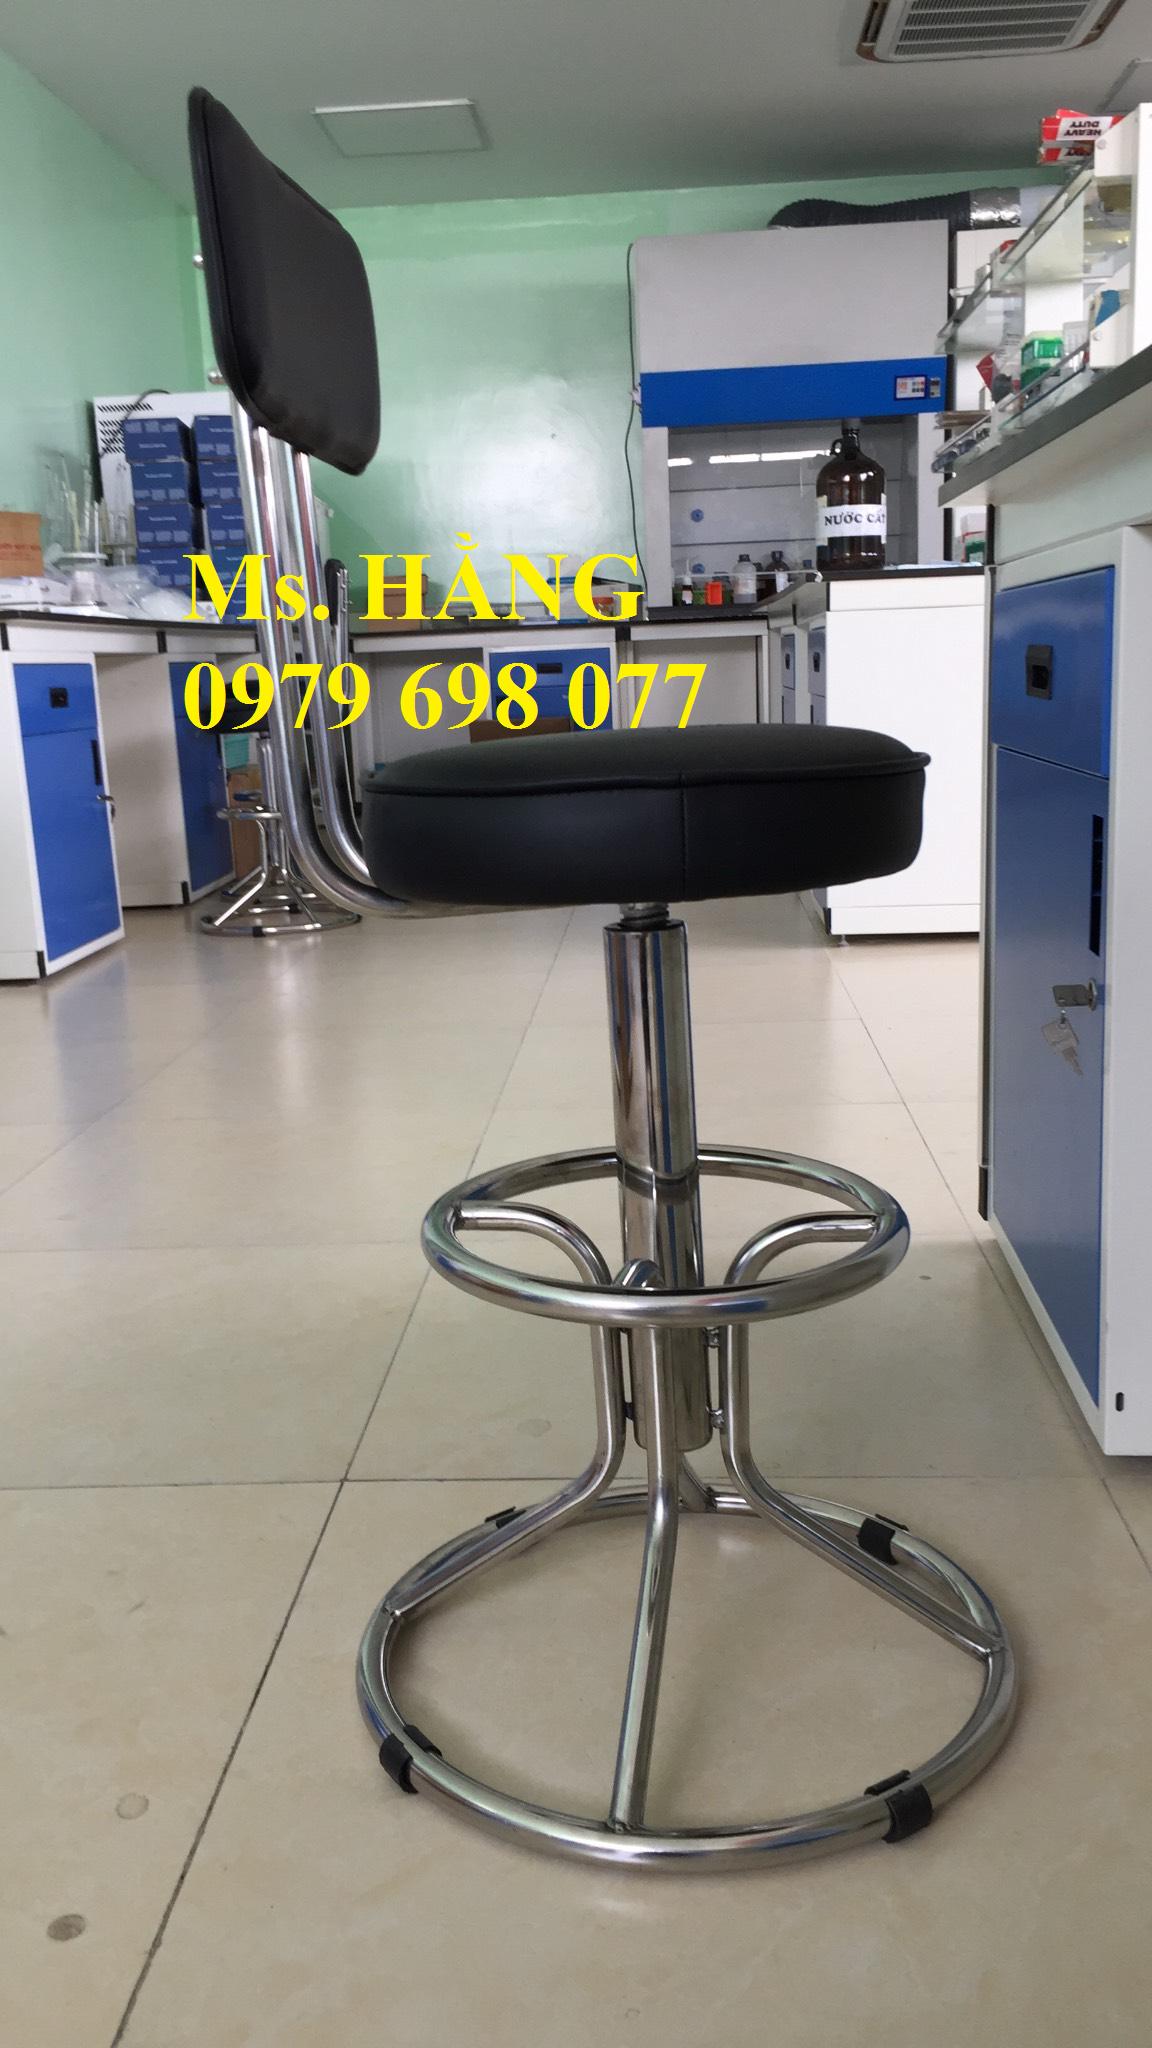 Ghế dùng cho phòng thí nghiệm bọc nêm tựa lưng